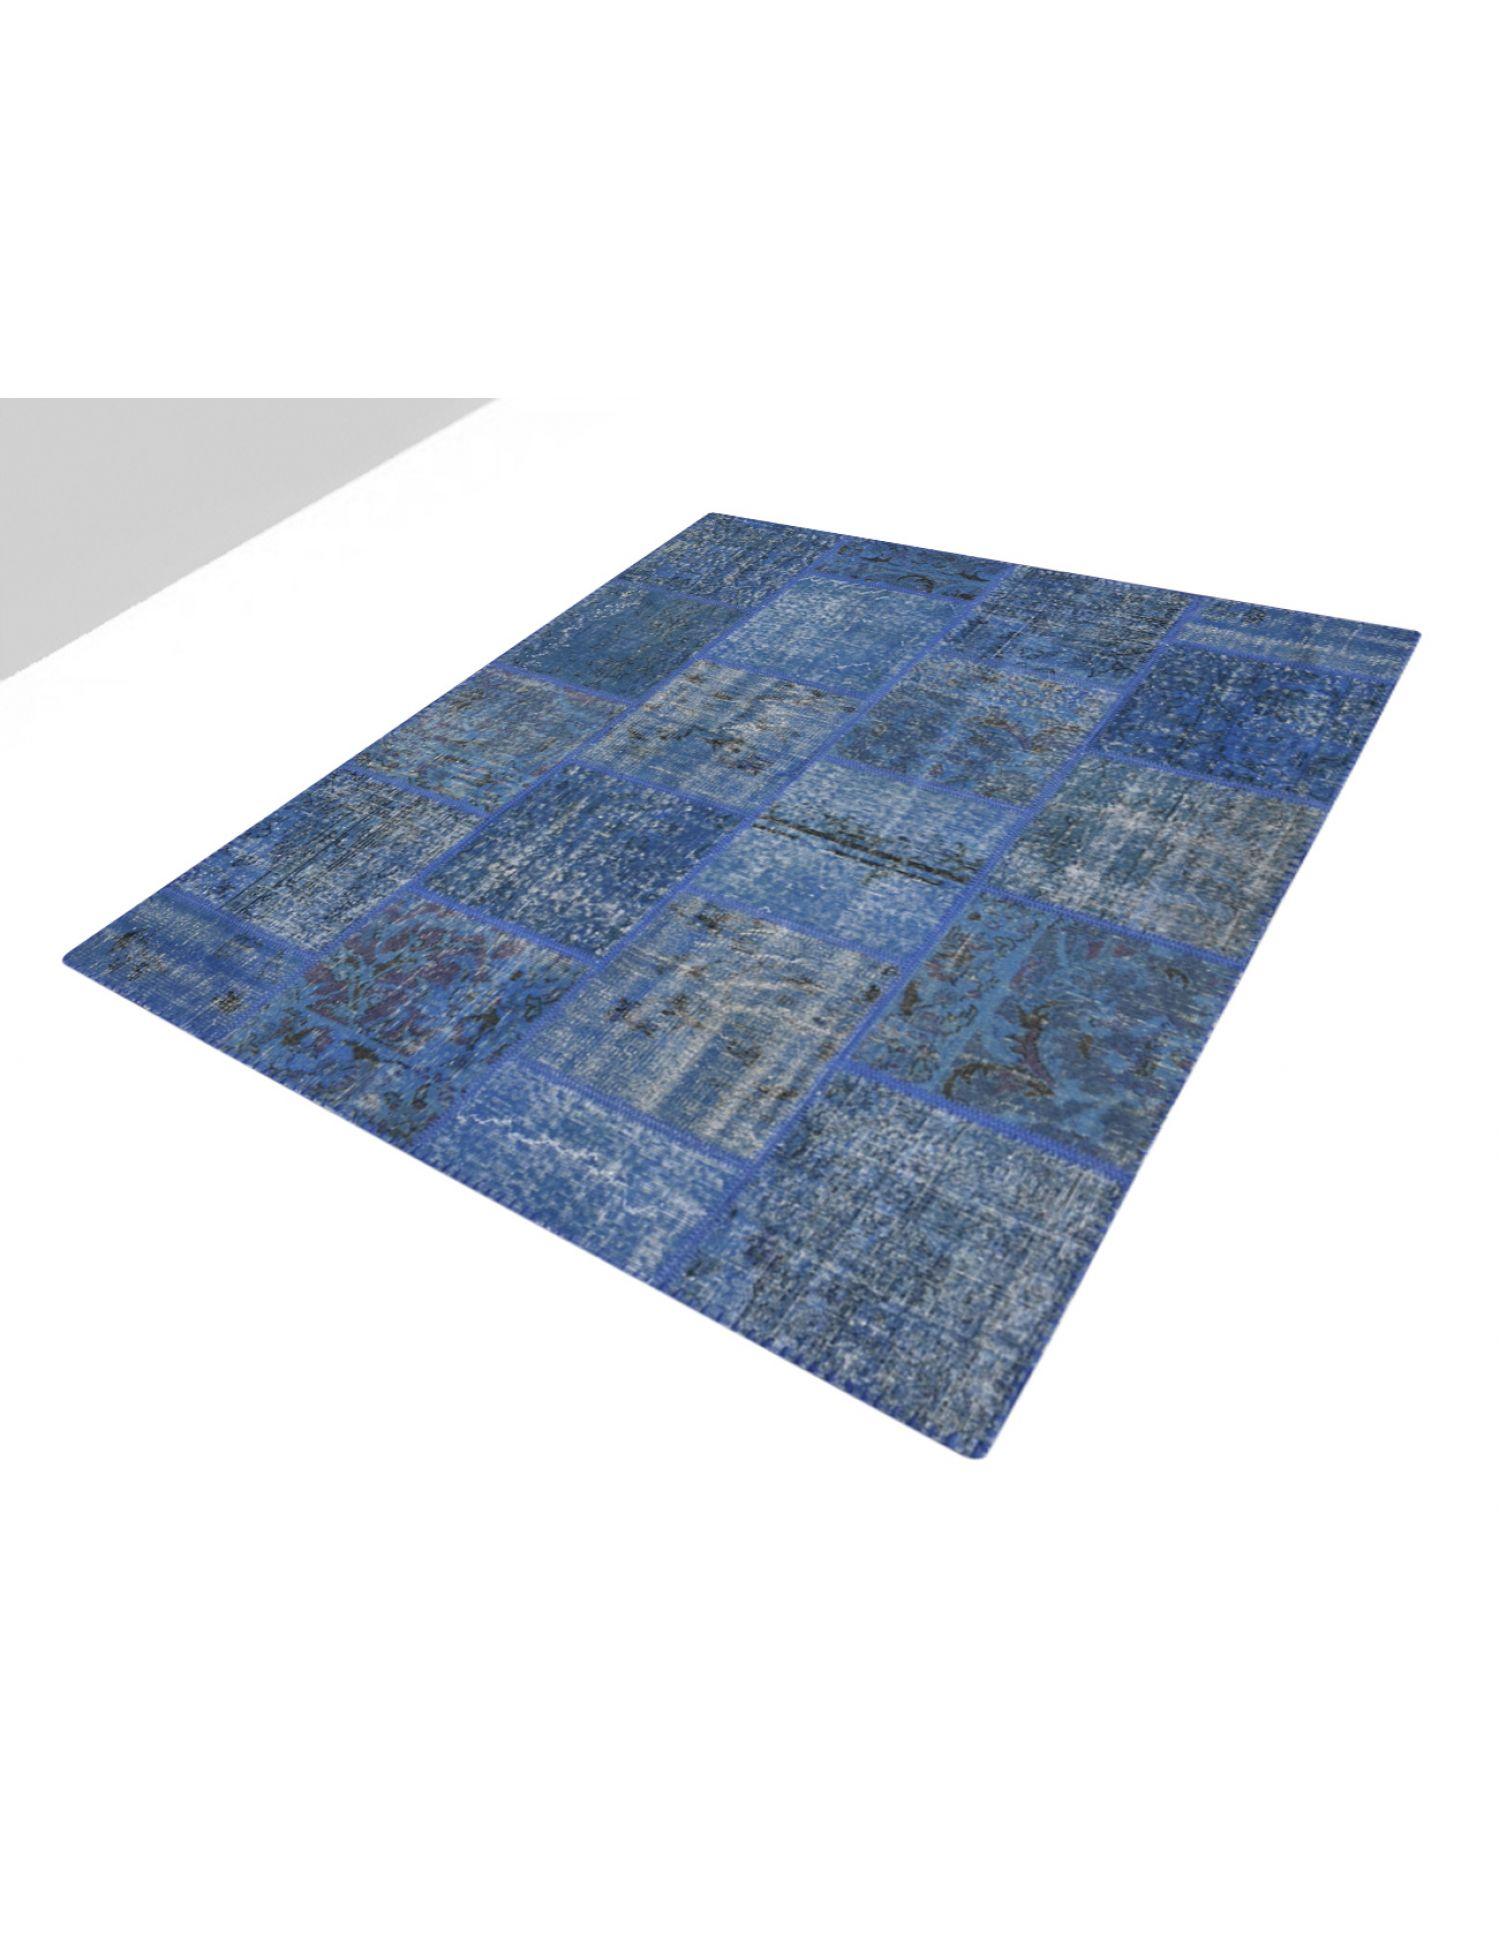 Patchwork Carpet   blue <br/>200 x 150 cm